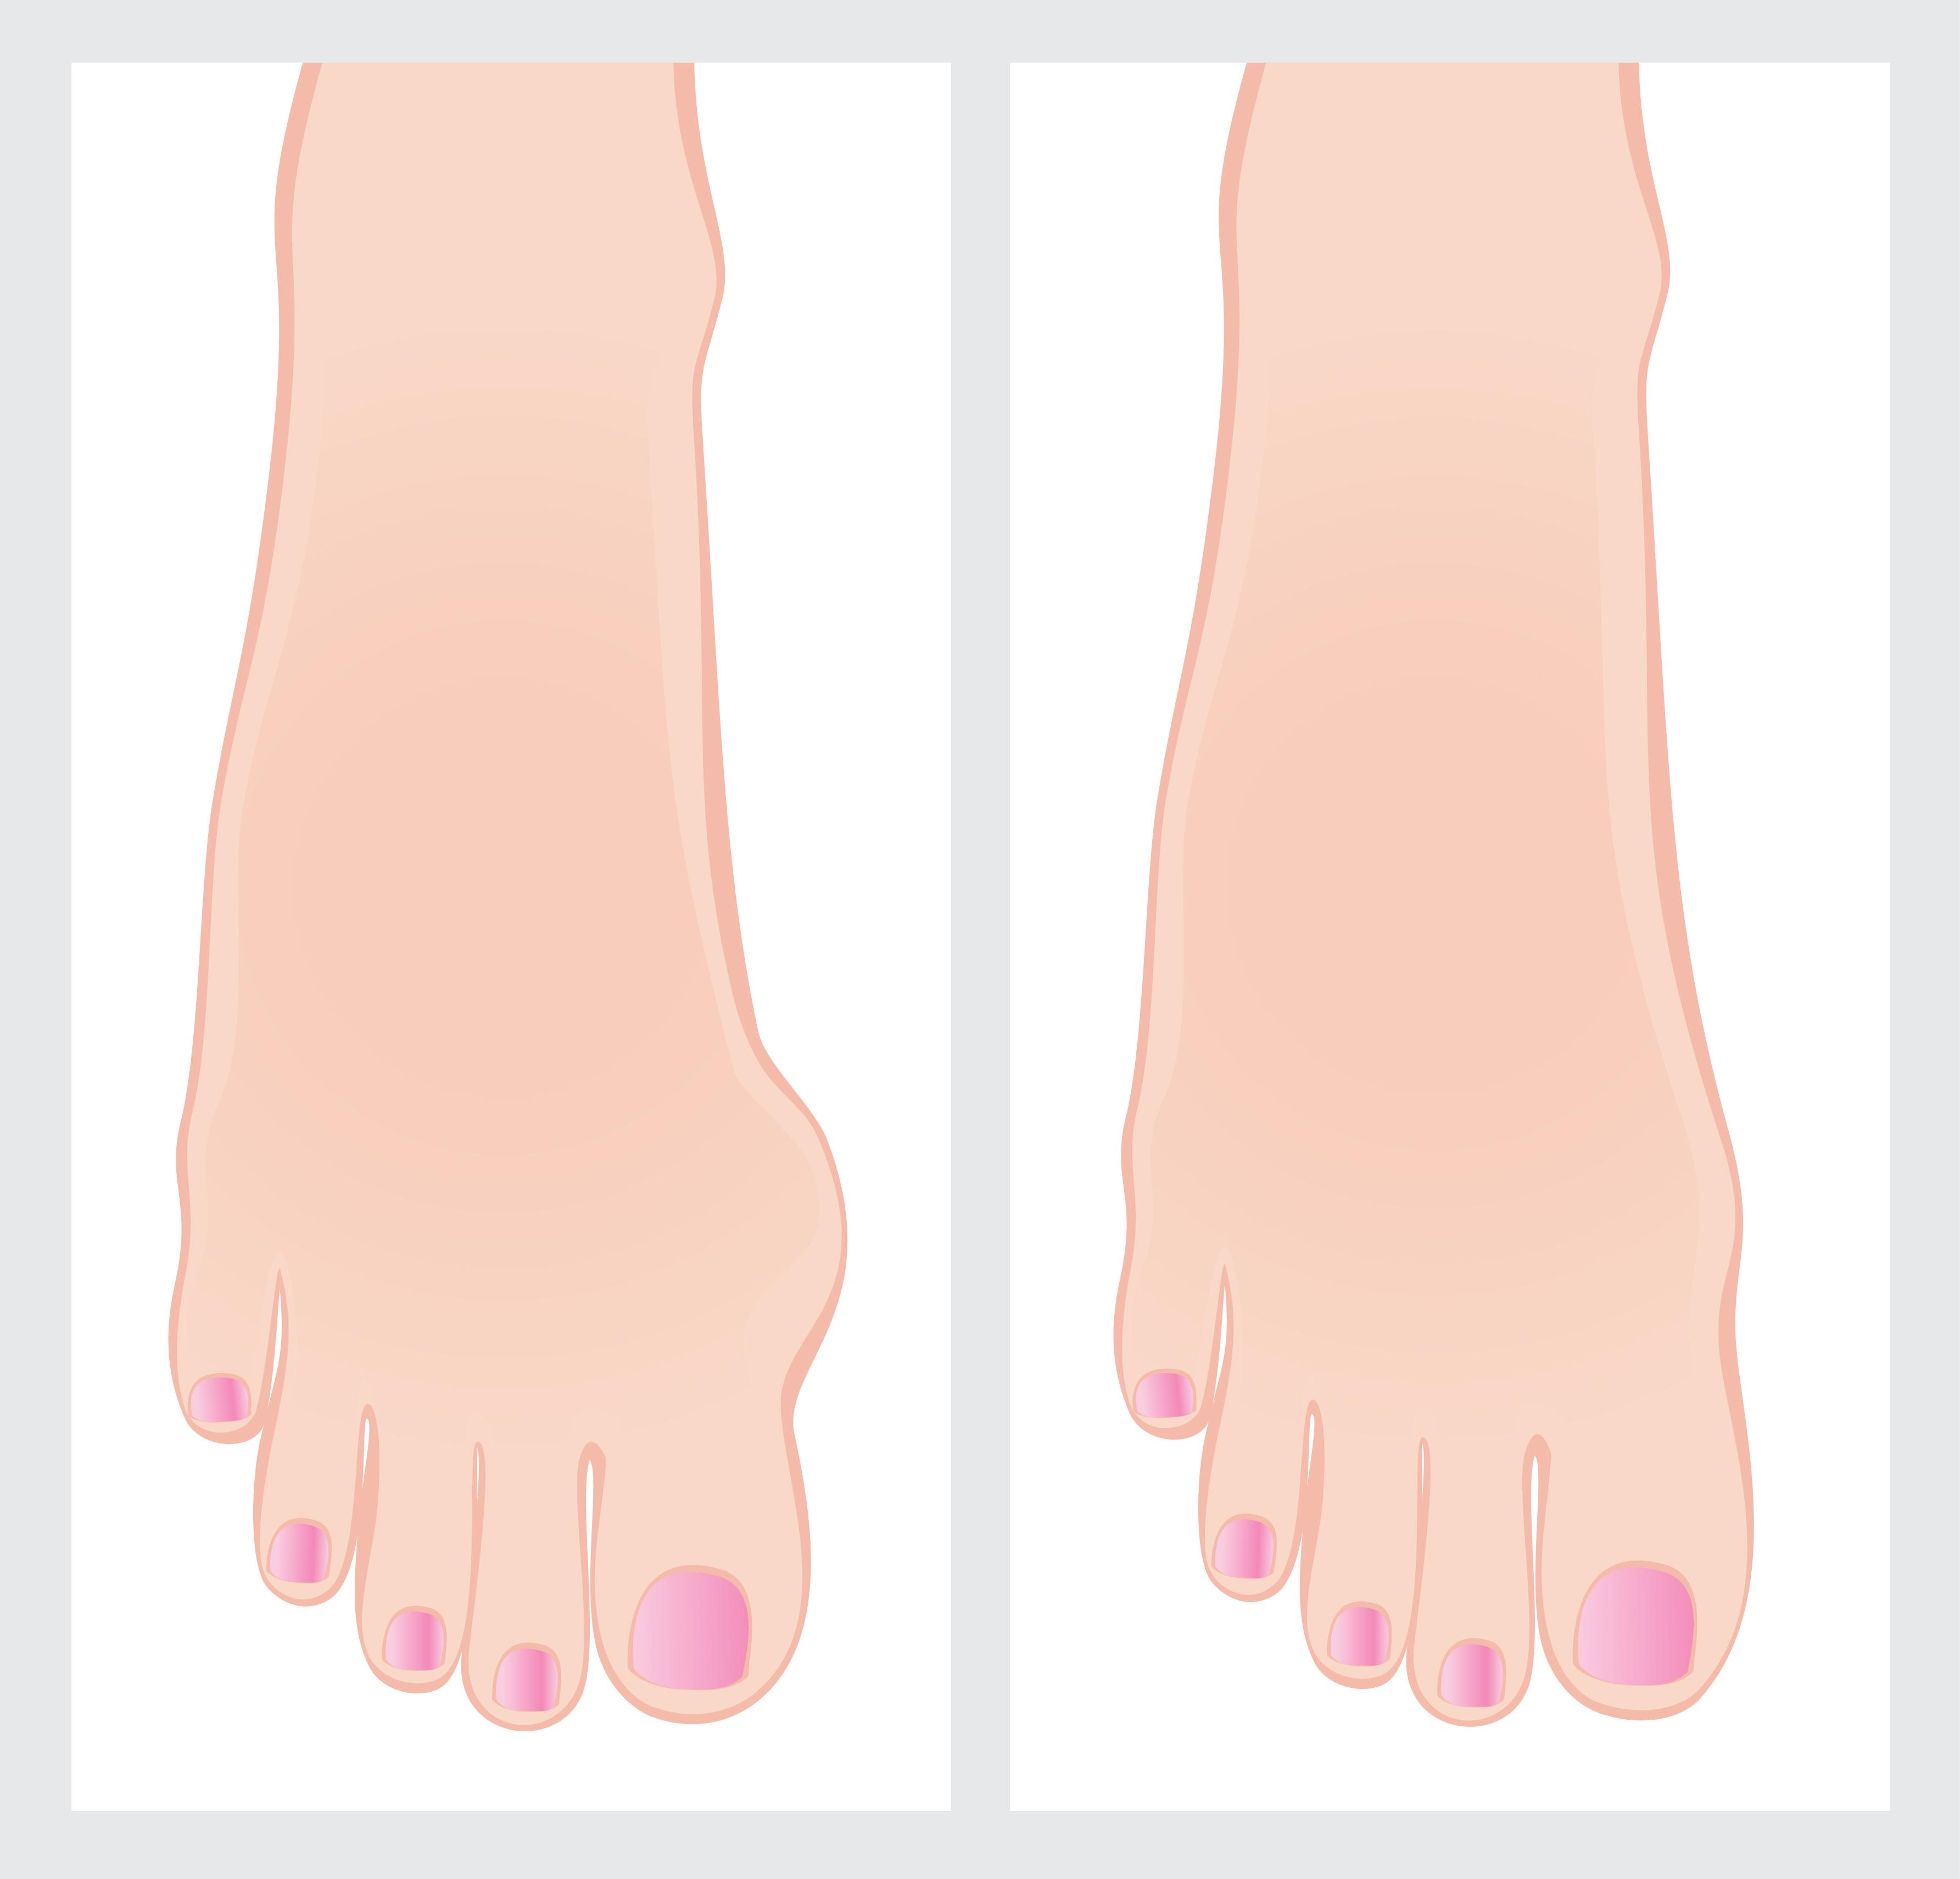 Массаж при варикозе ног можно или нельзя, как делать